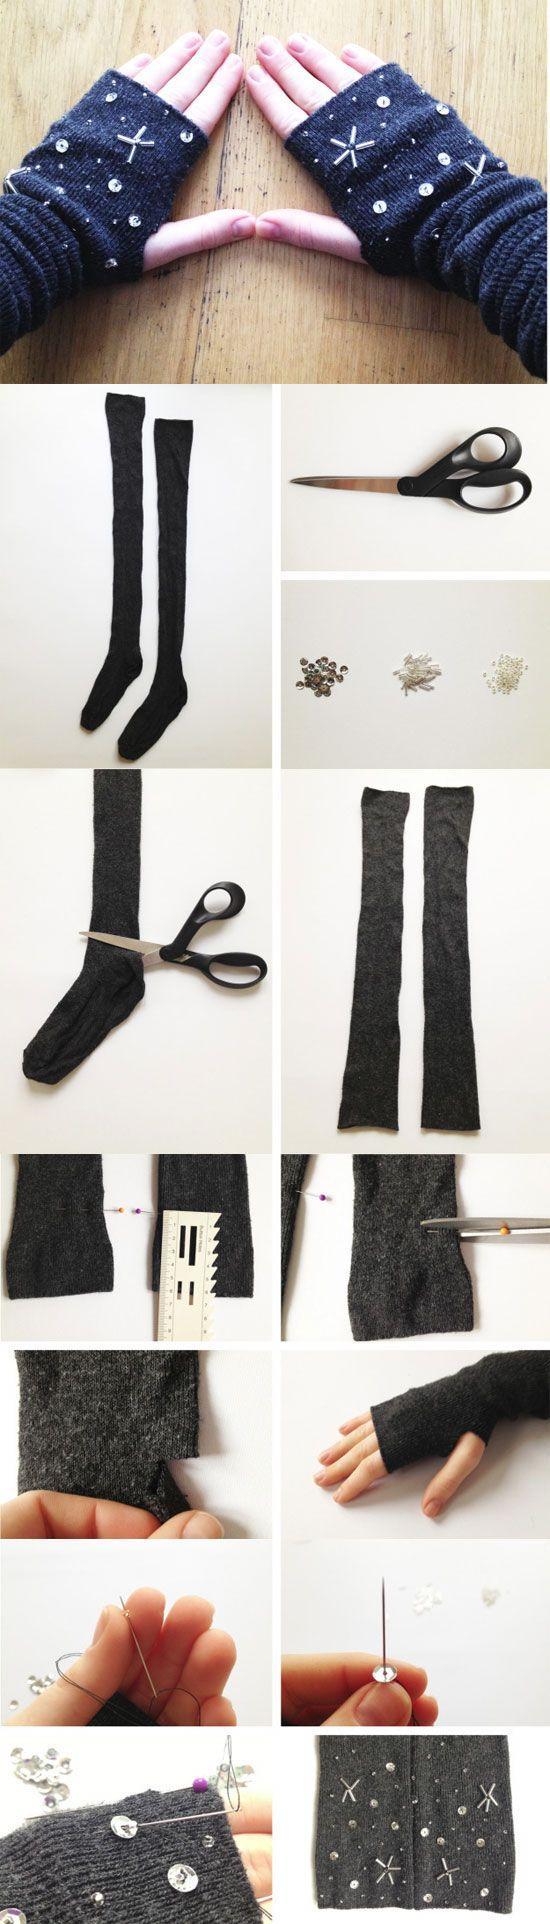 Guantes DIY contra el frío | Blog de Hogarutil